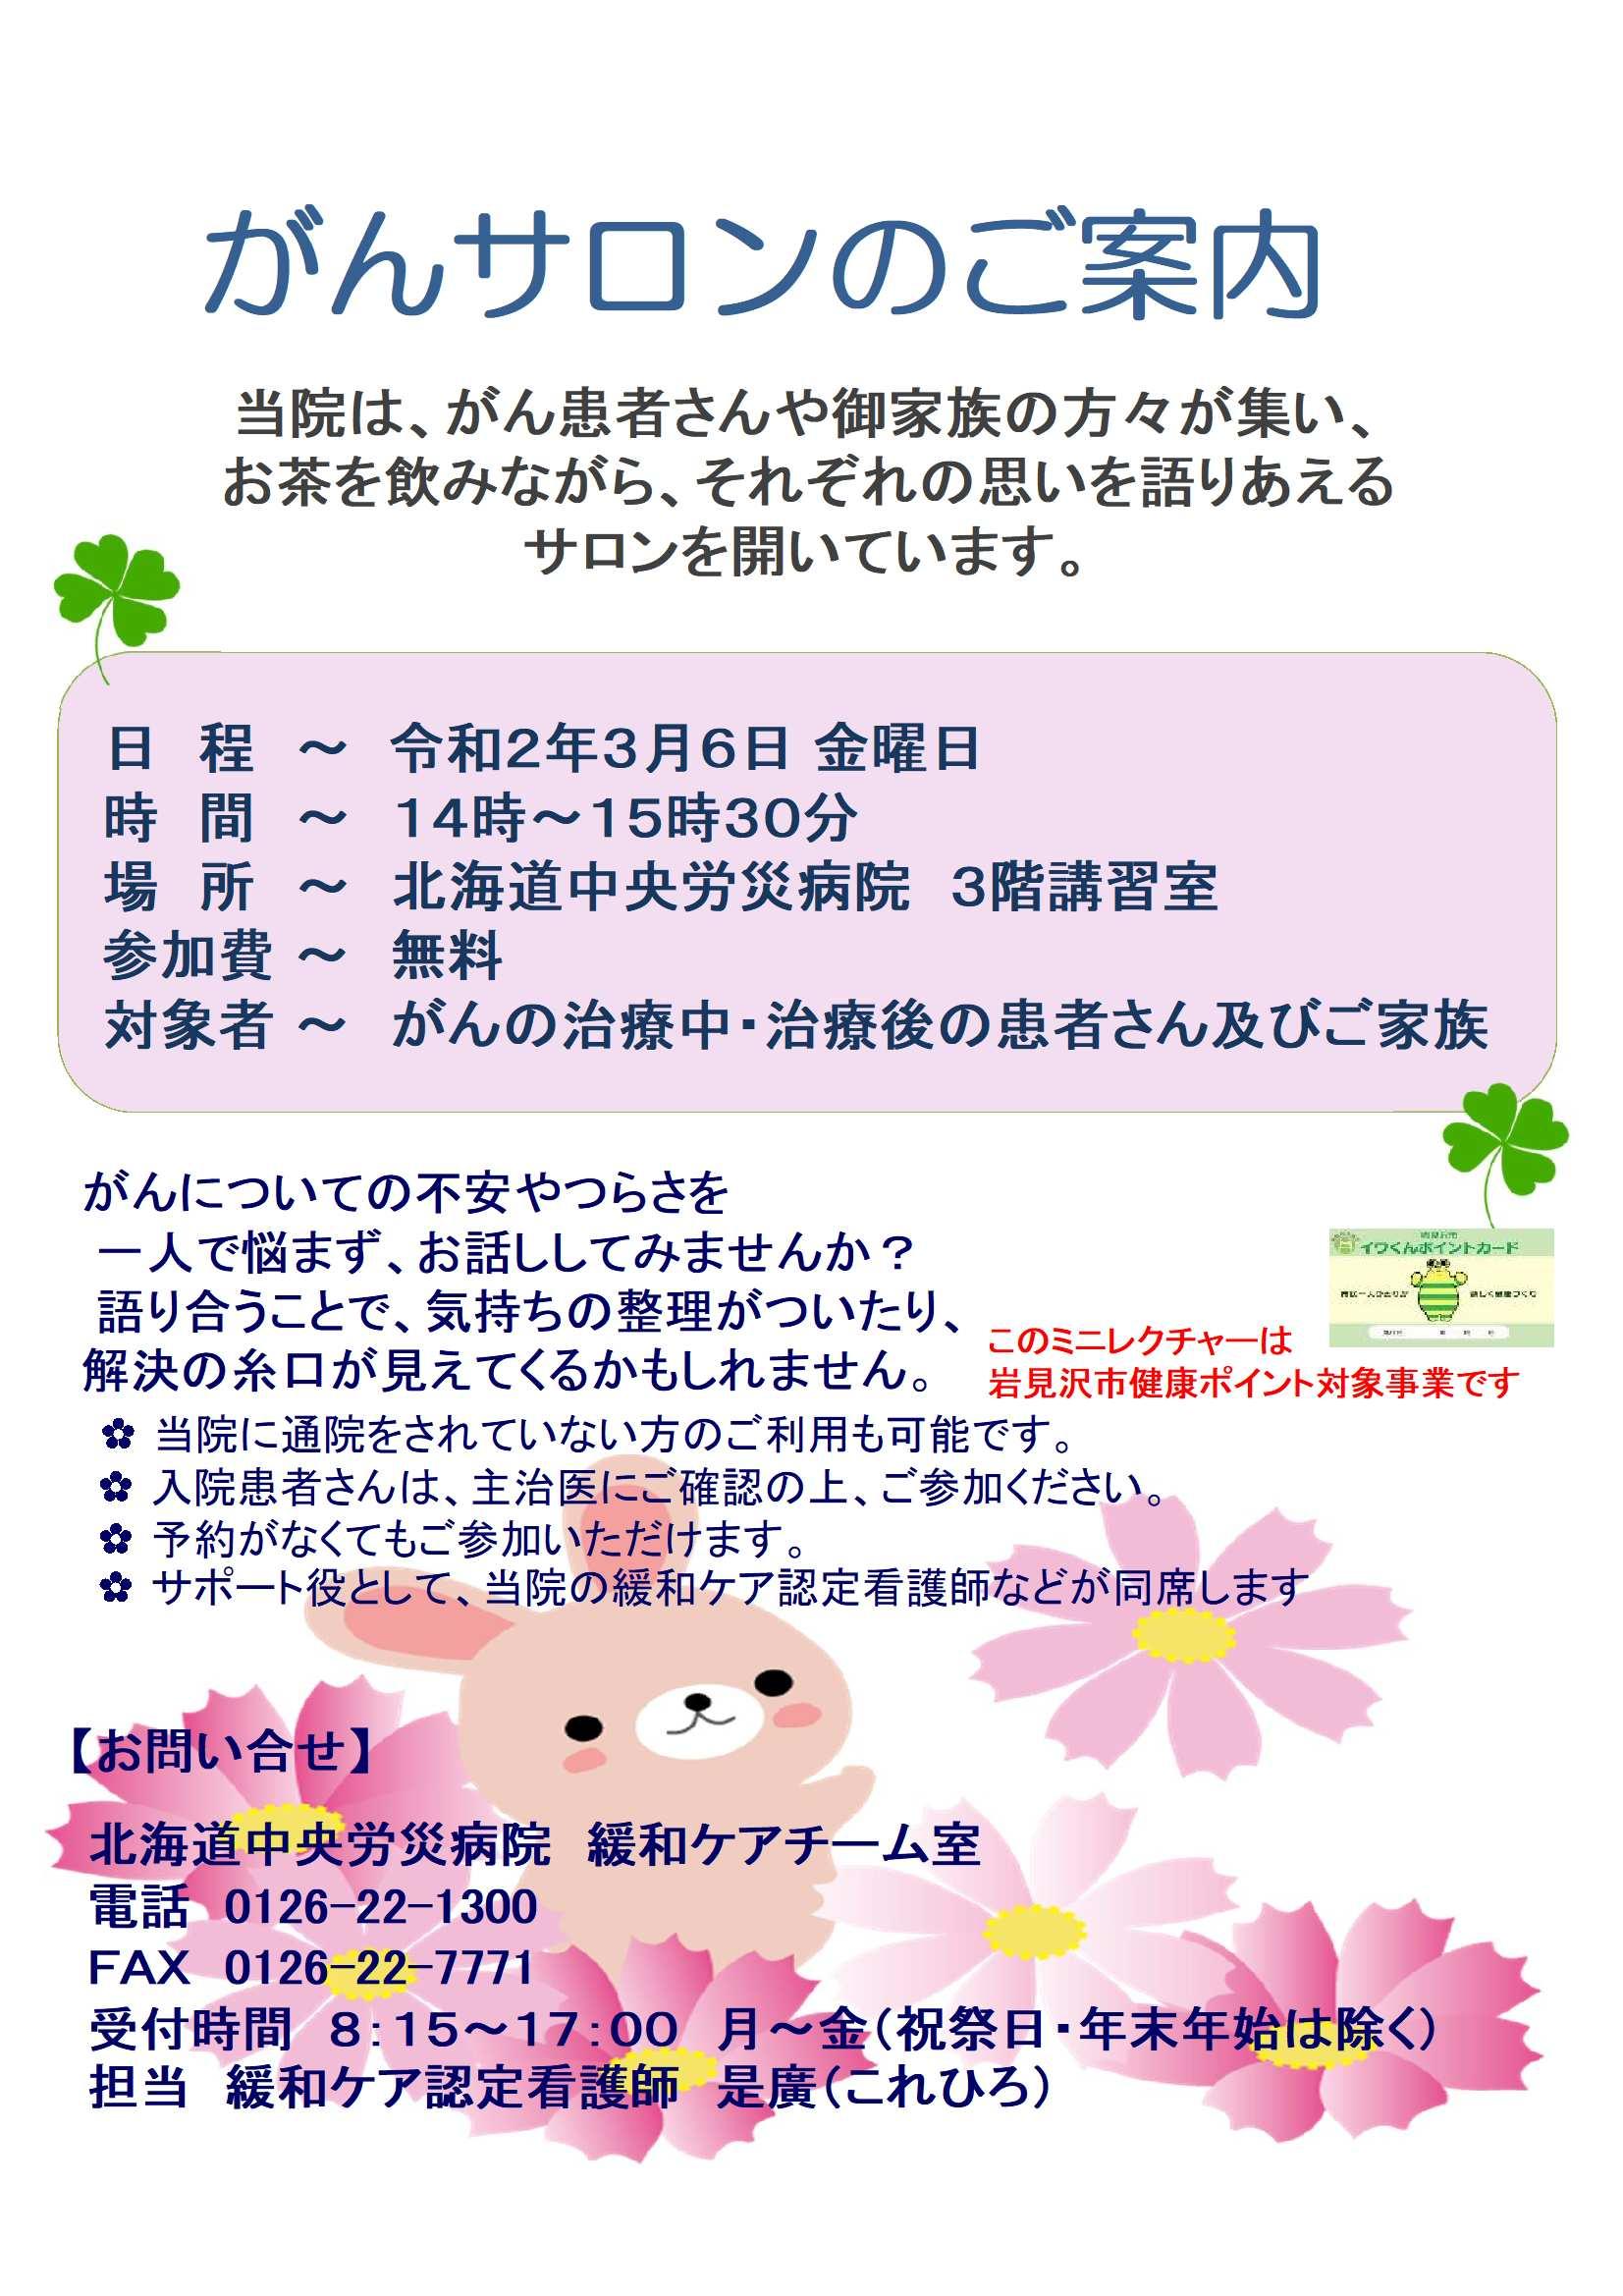 がんサロンポスター2020.3月.jpg